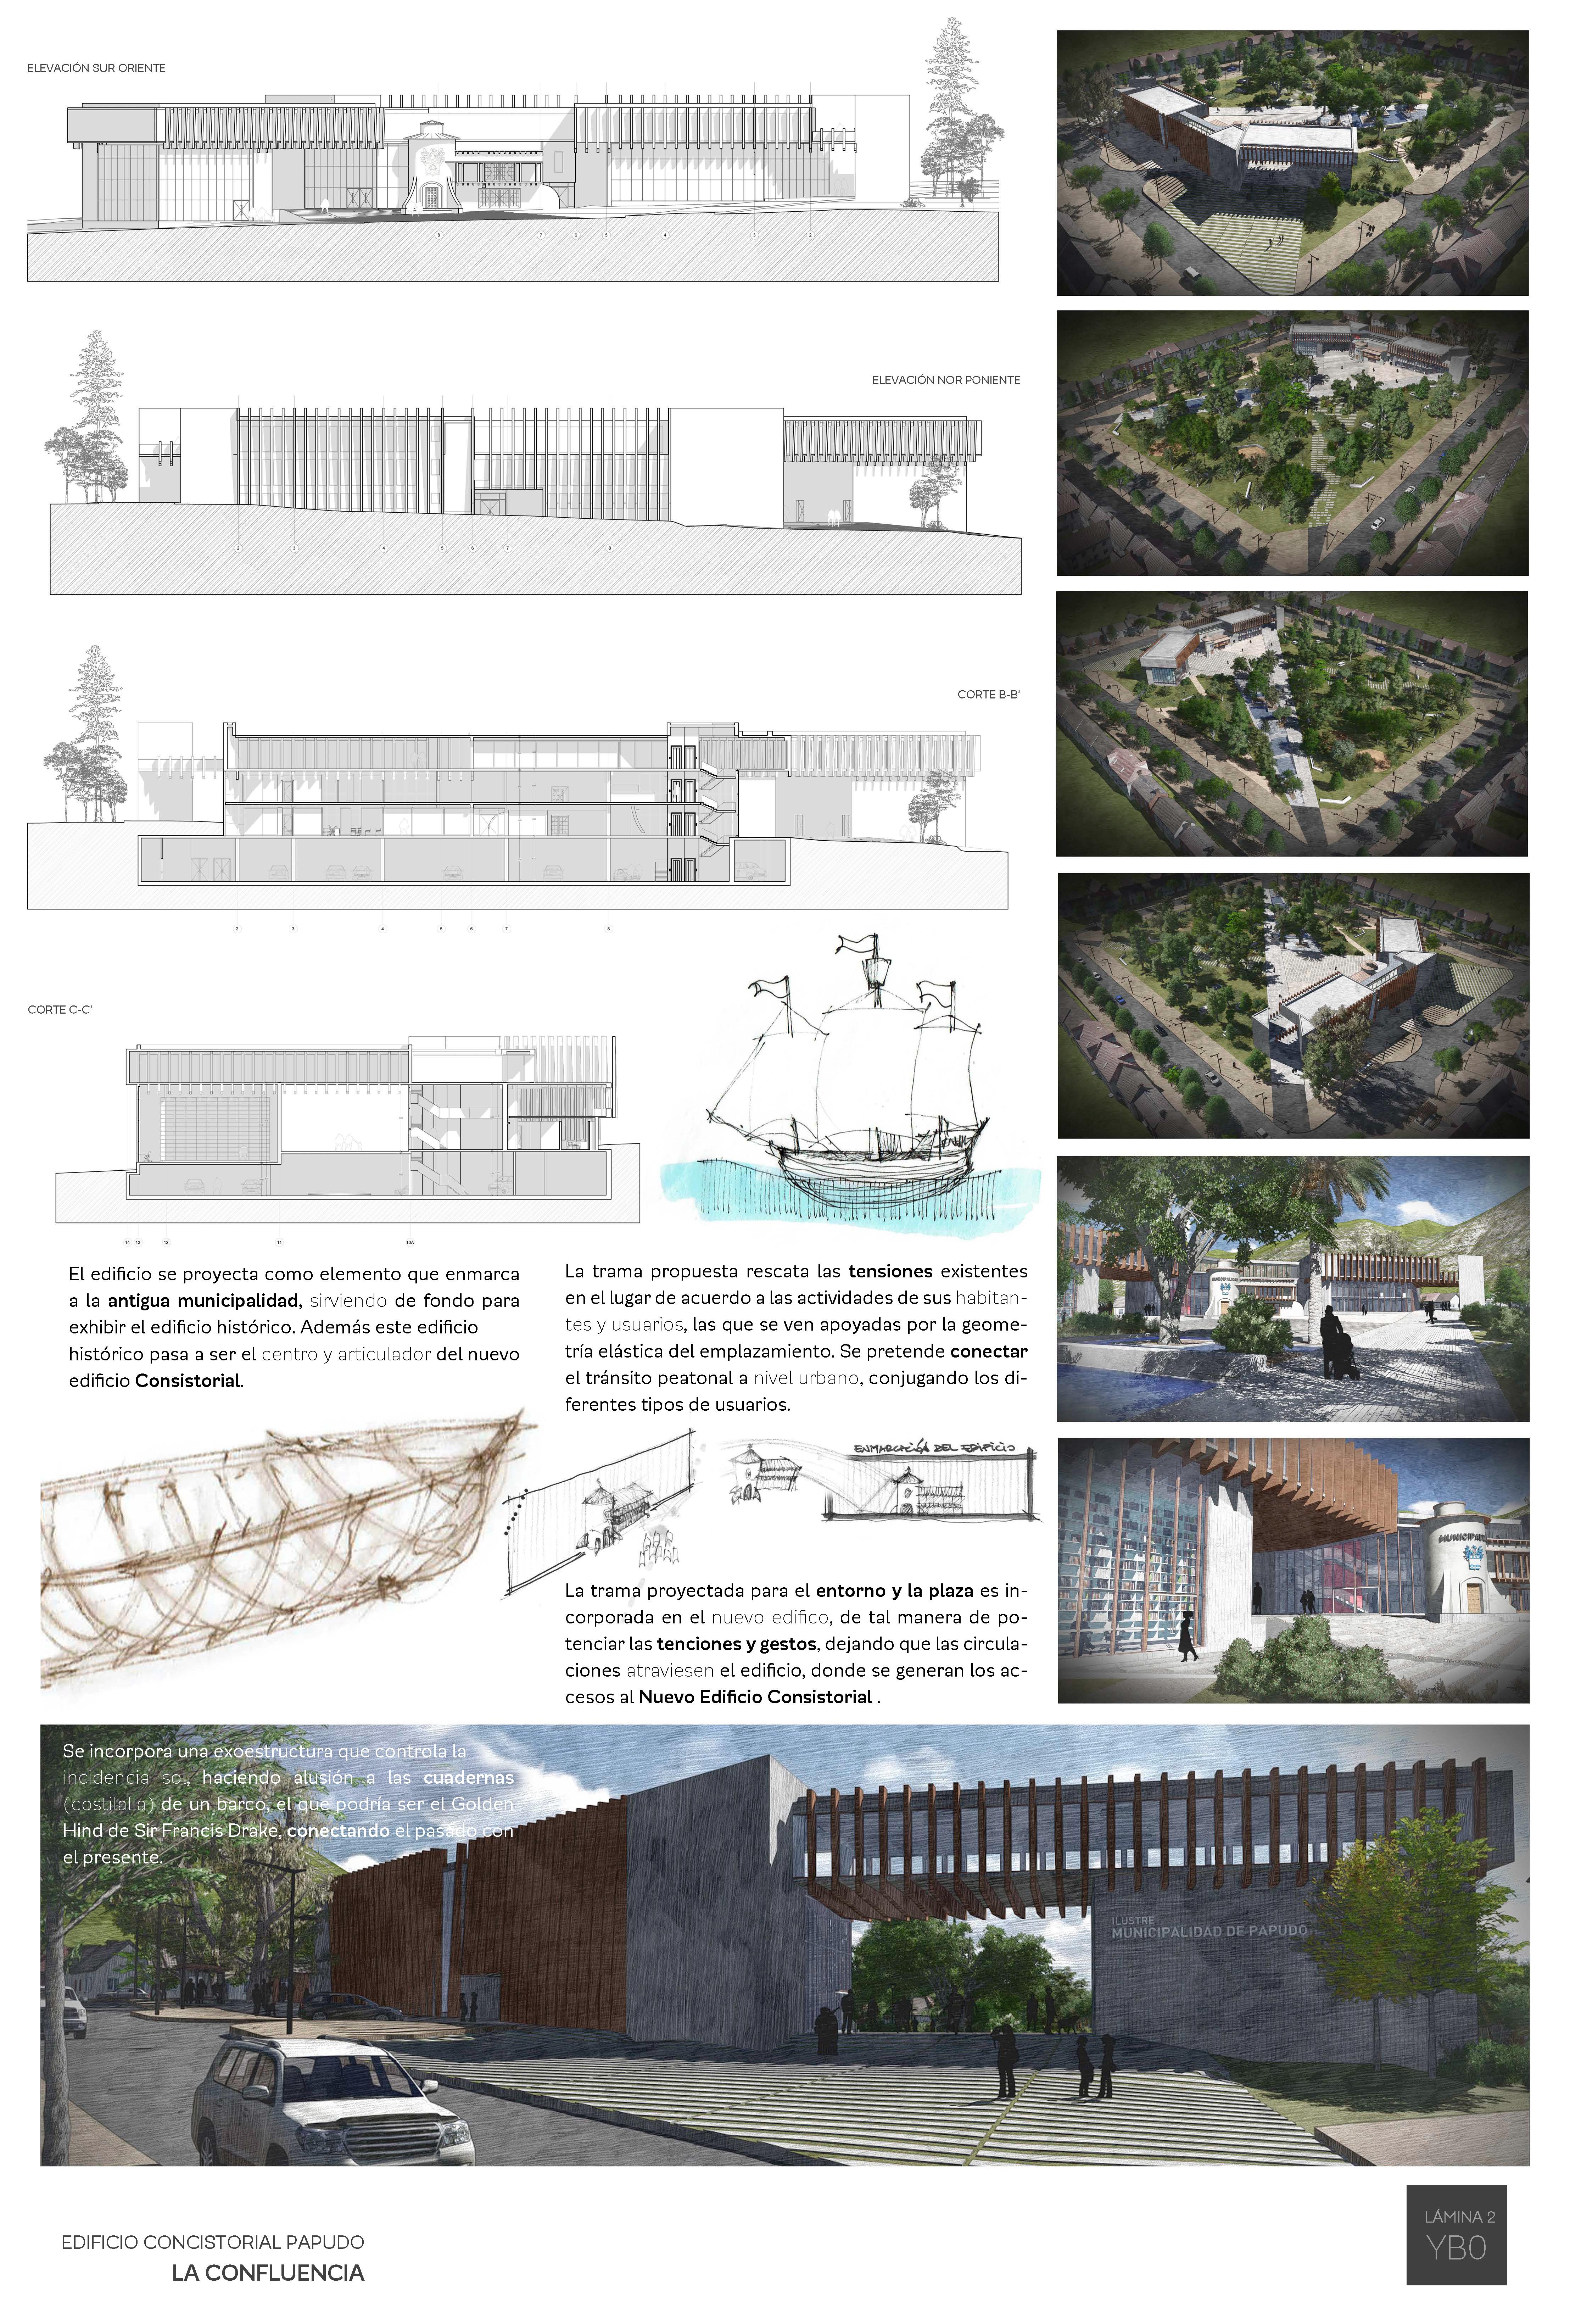 YB0 _Edificio Concistorial Papudo - Lam02